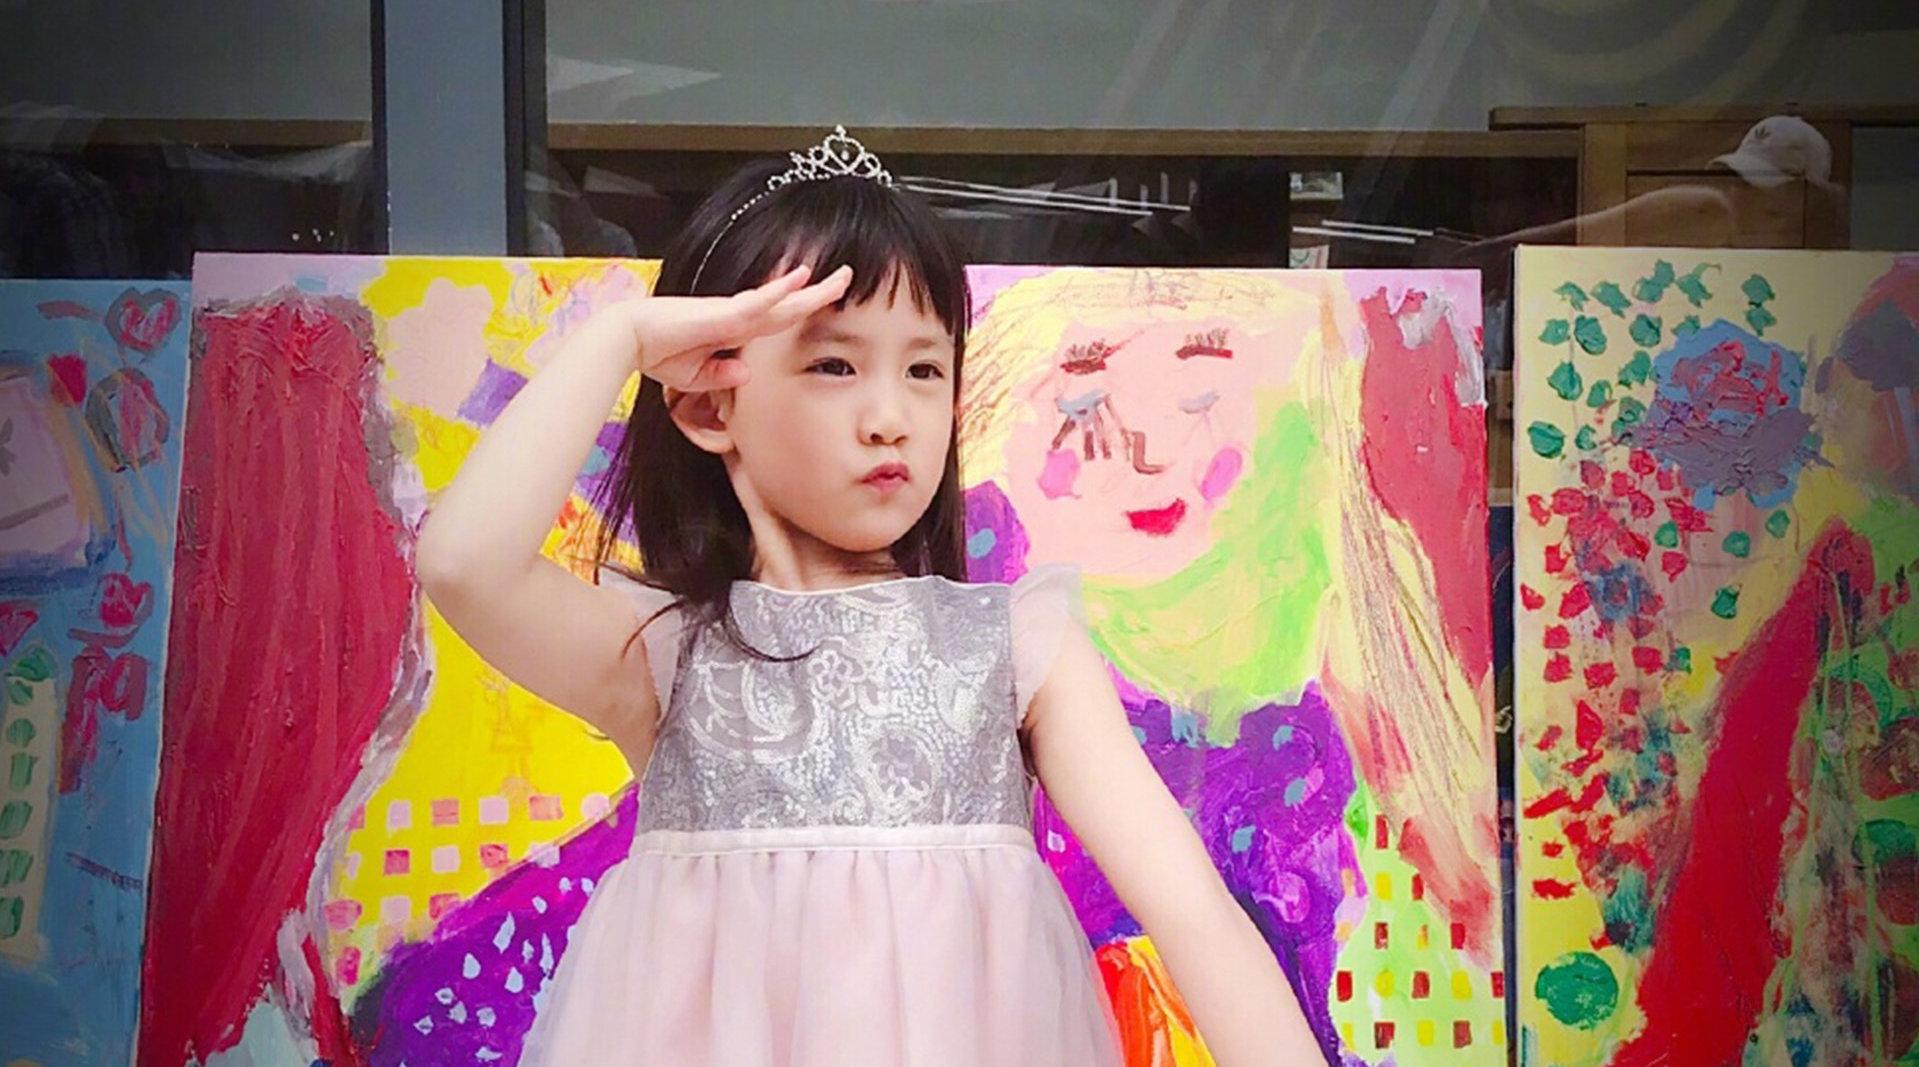 黄磊二女儿多妹一身公主打扮,拍照敬礼姿势古灵精怪